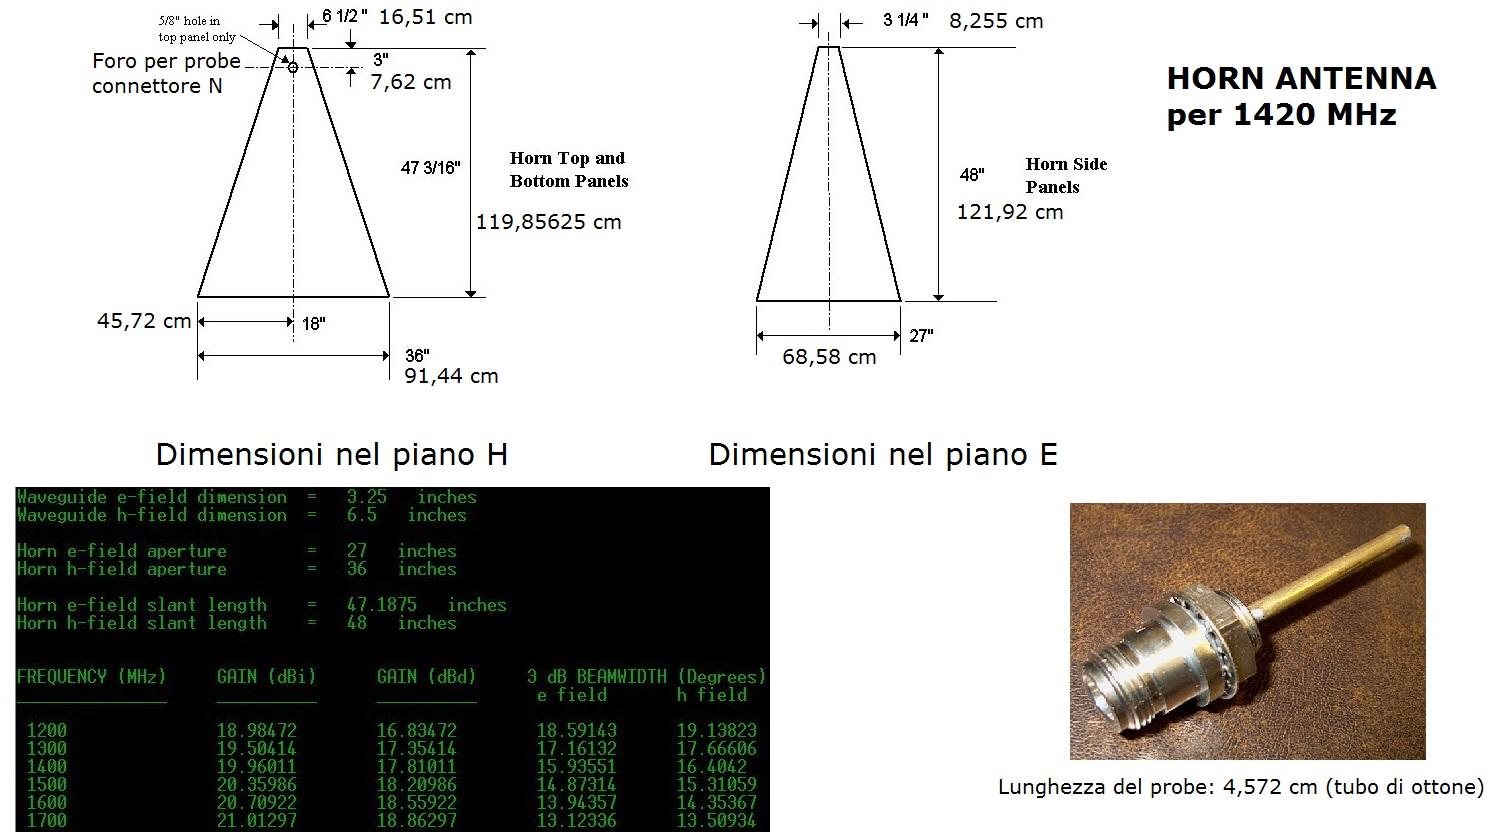 Particolari costruttivi dell'antenna horn utilizzata per le prove di ricezione a 1420 MHz.